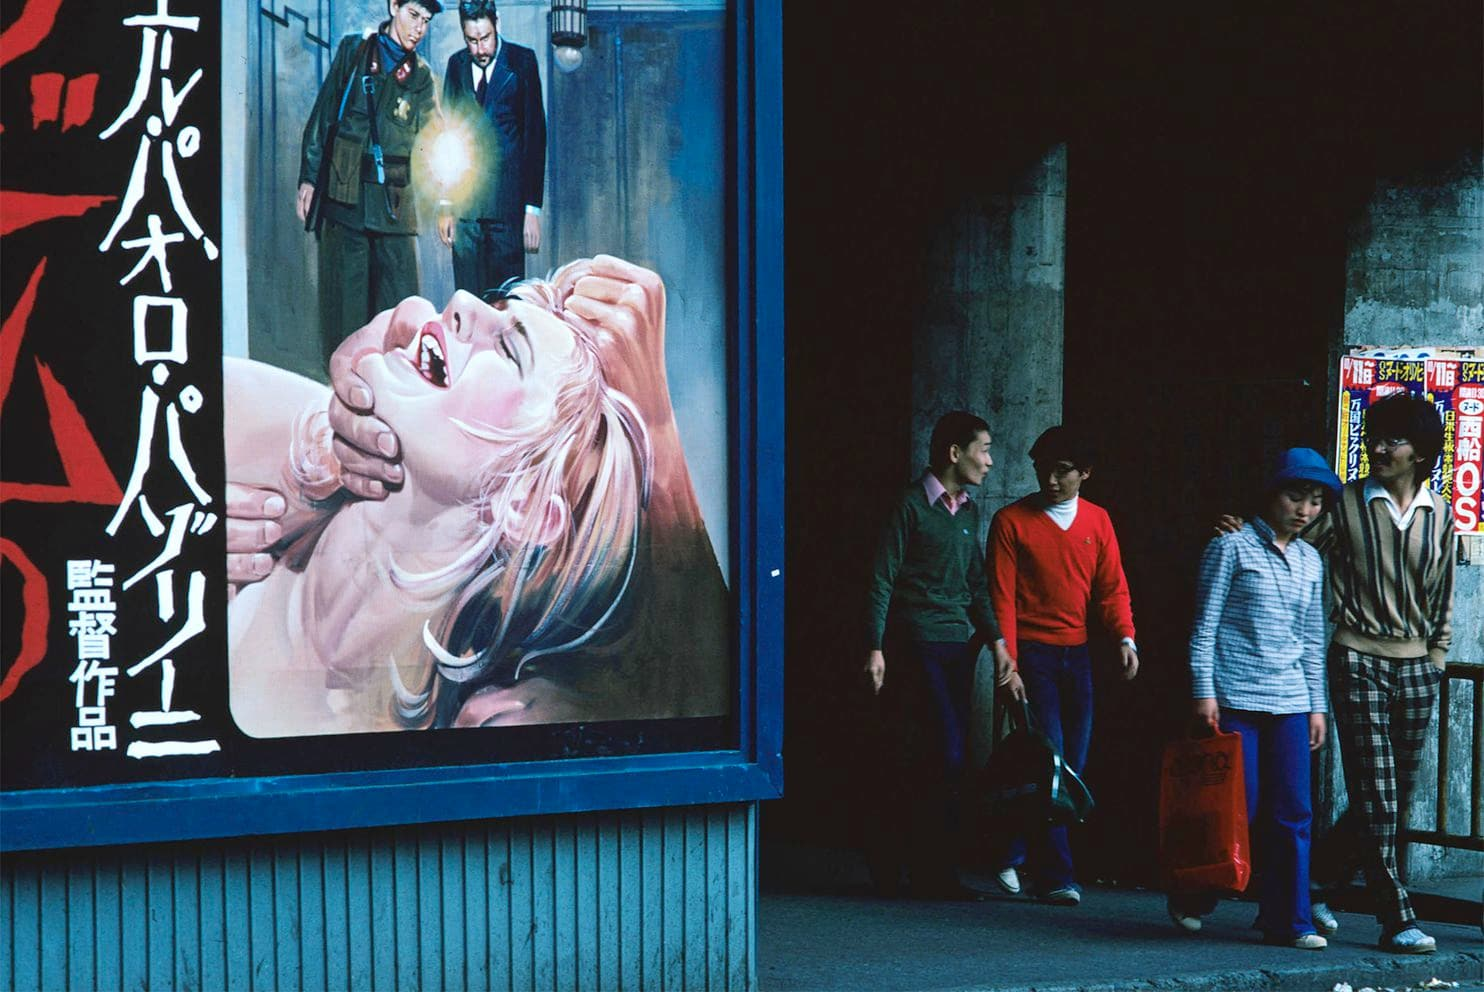 Thành phố Tokyo thập niên 1970 qua ống kính Greg Girard